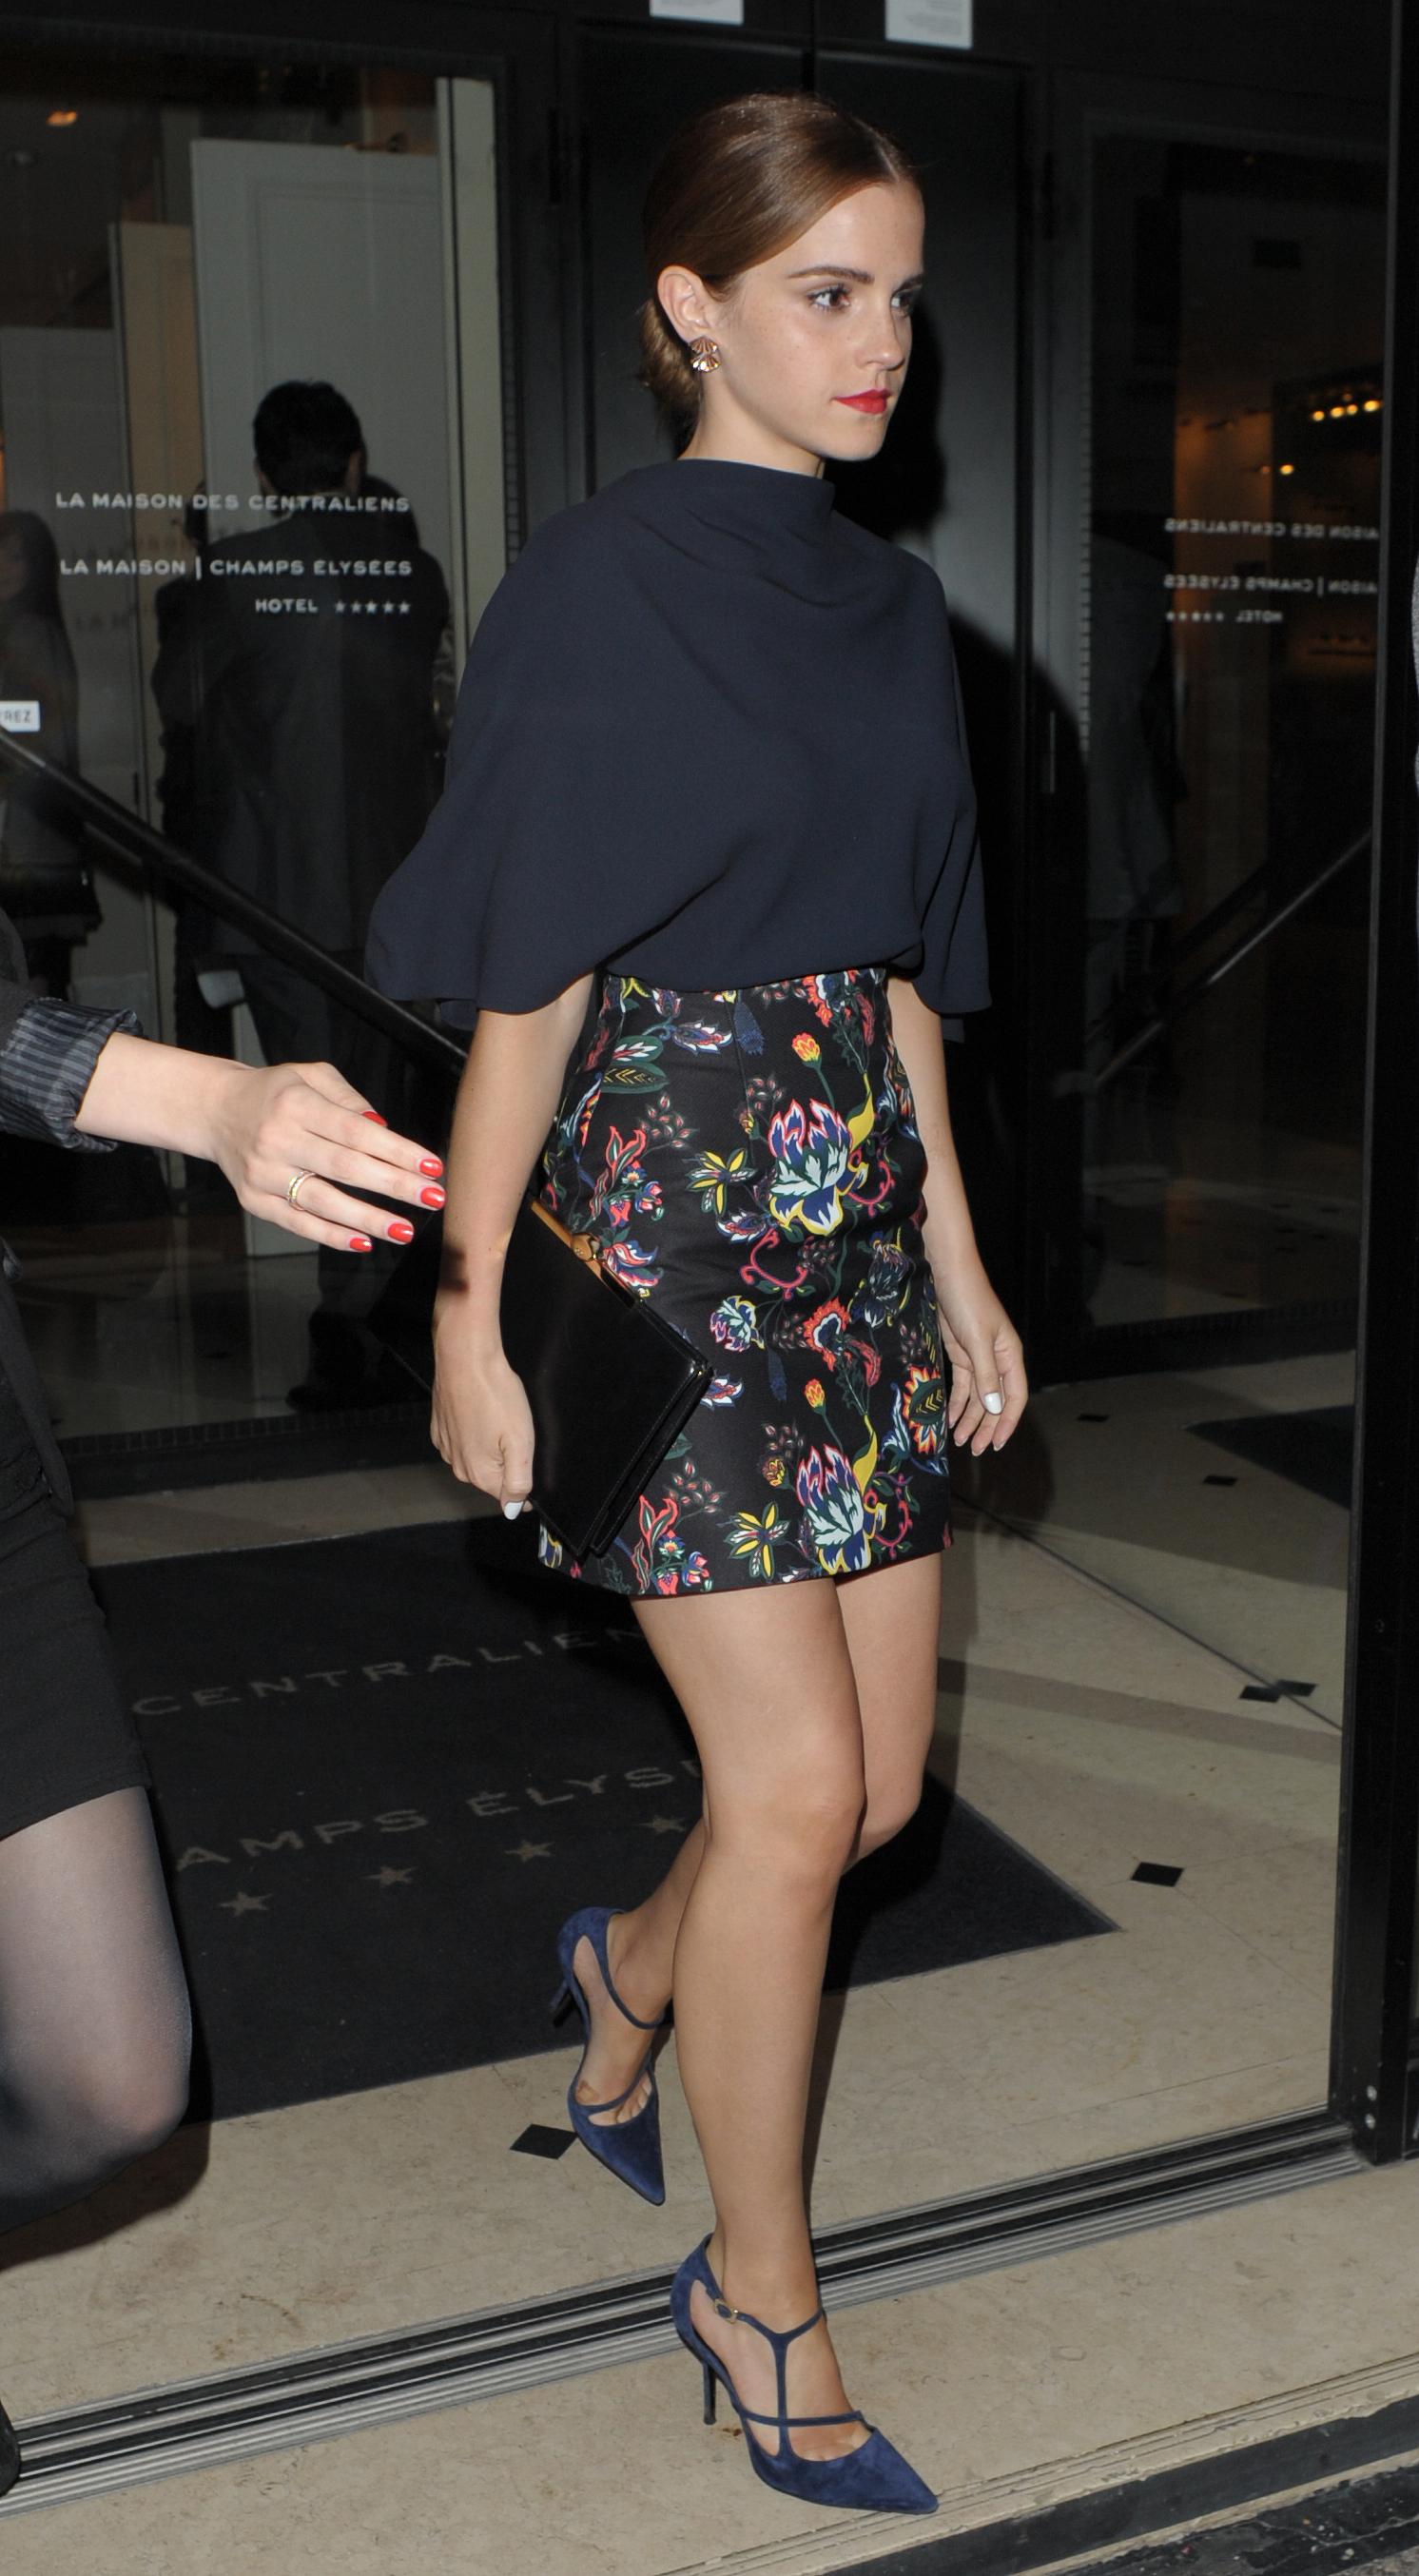 Emma Watson 2014 : Emma Watson in skirt leaving her hotel ...